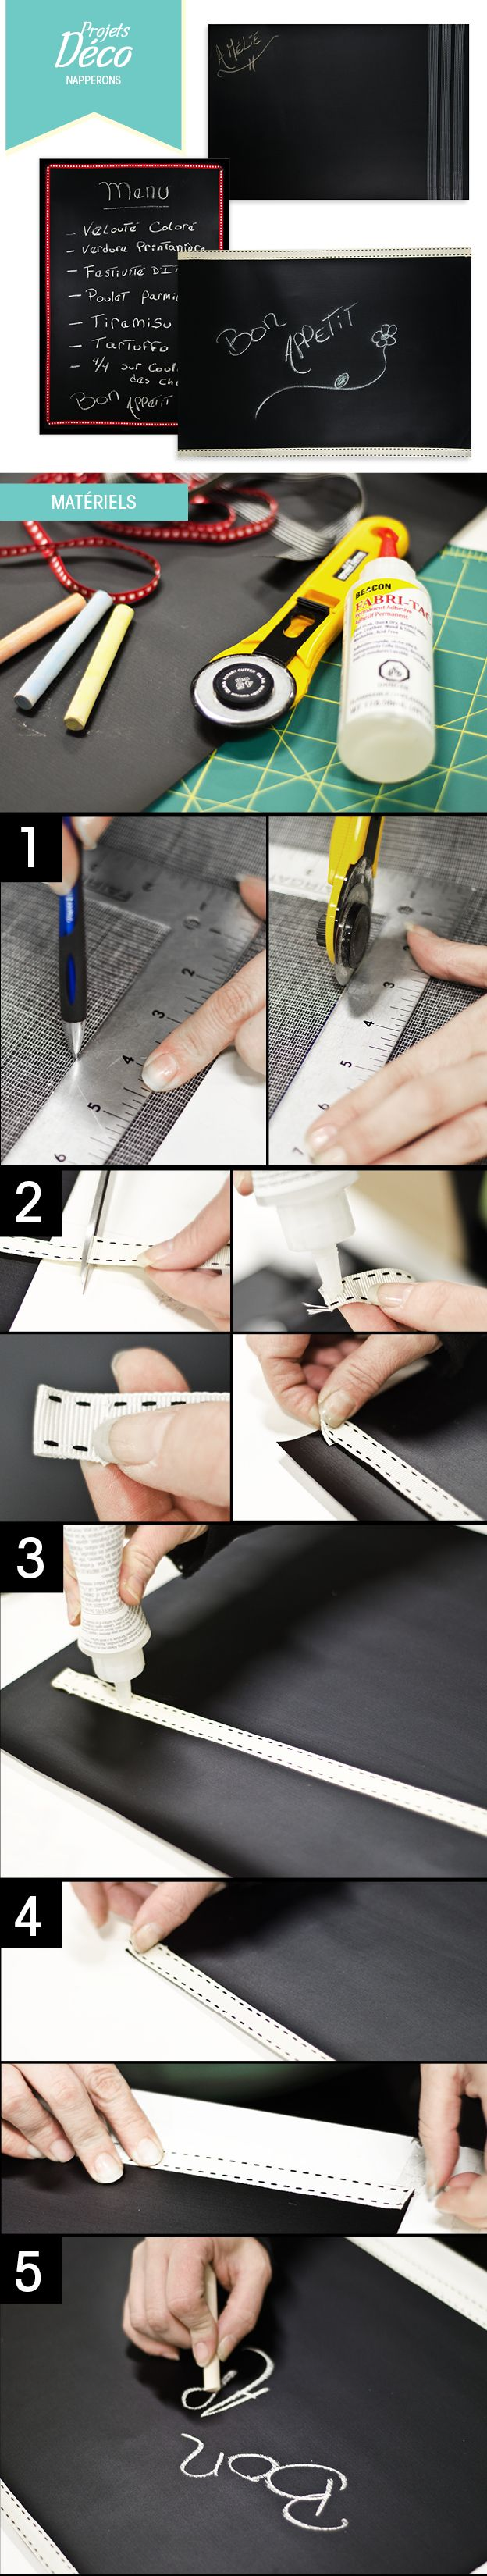 Des napperons personnalisés et simple à faire! http://clubtissus.com/articles-blog/articles-decoration/projet-napperons